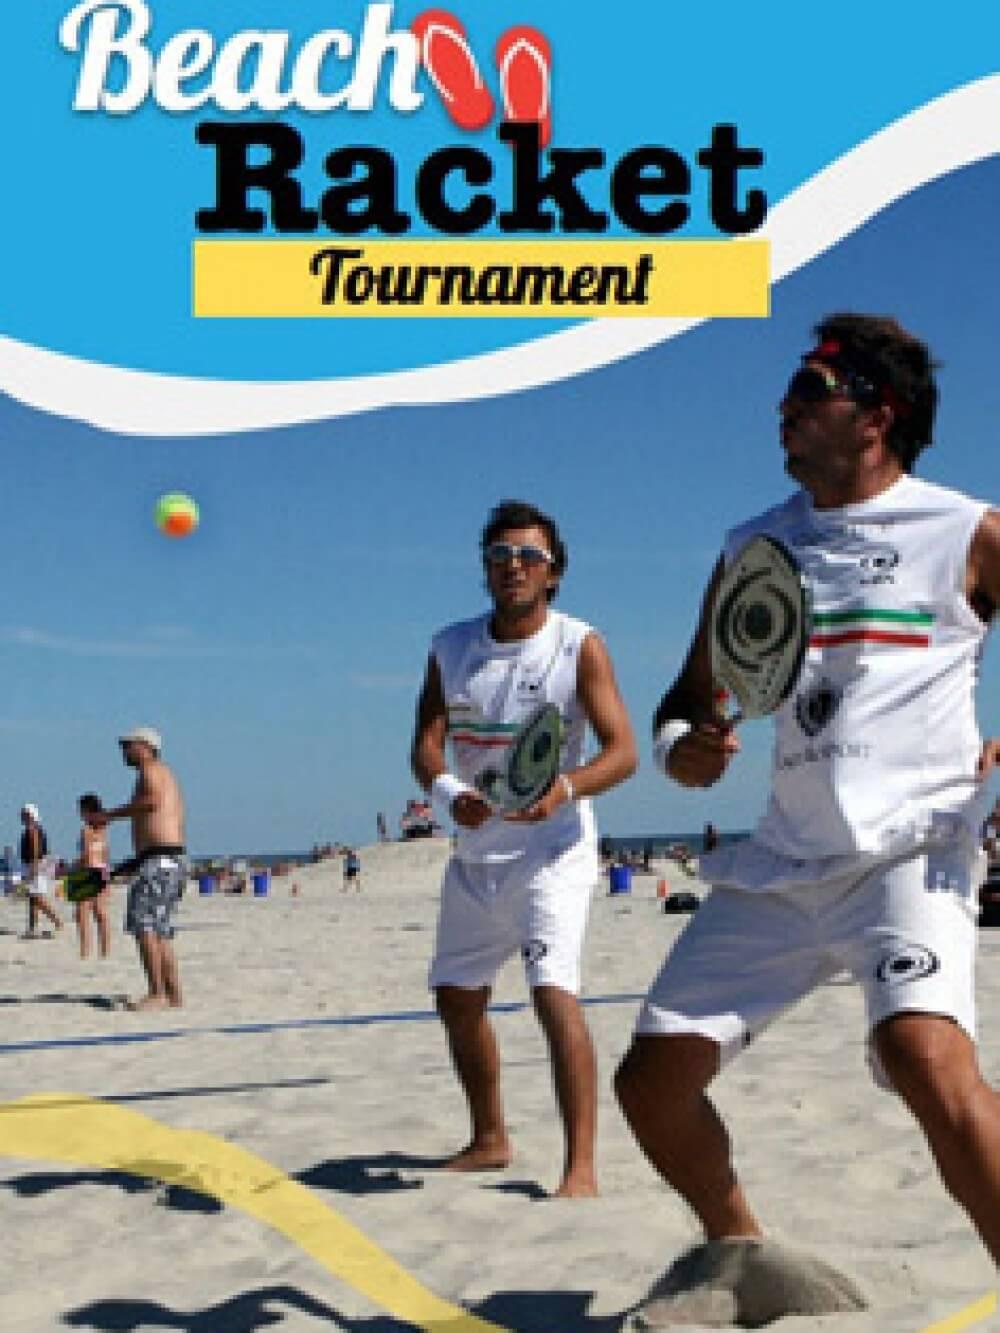 beach_racket_tournament_vertical_web